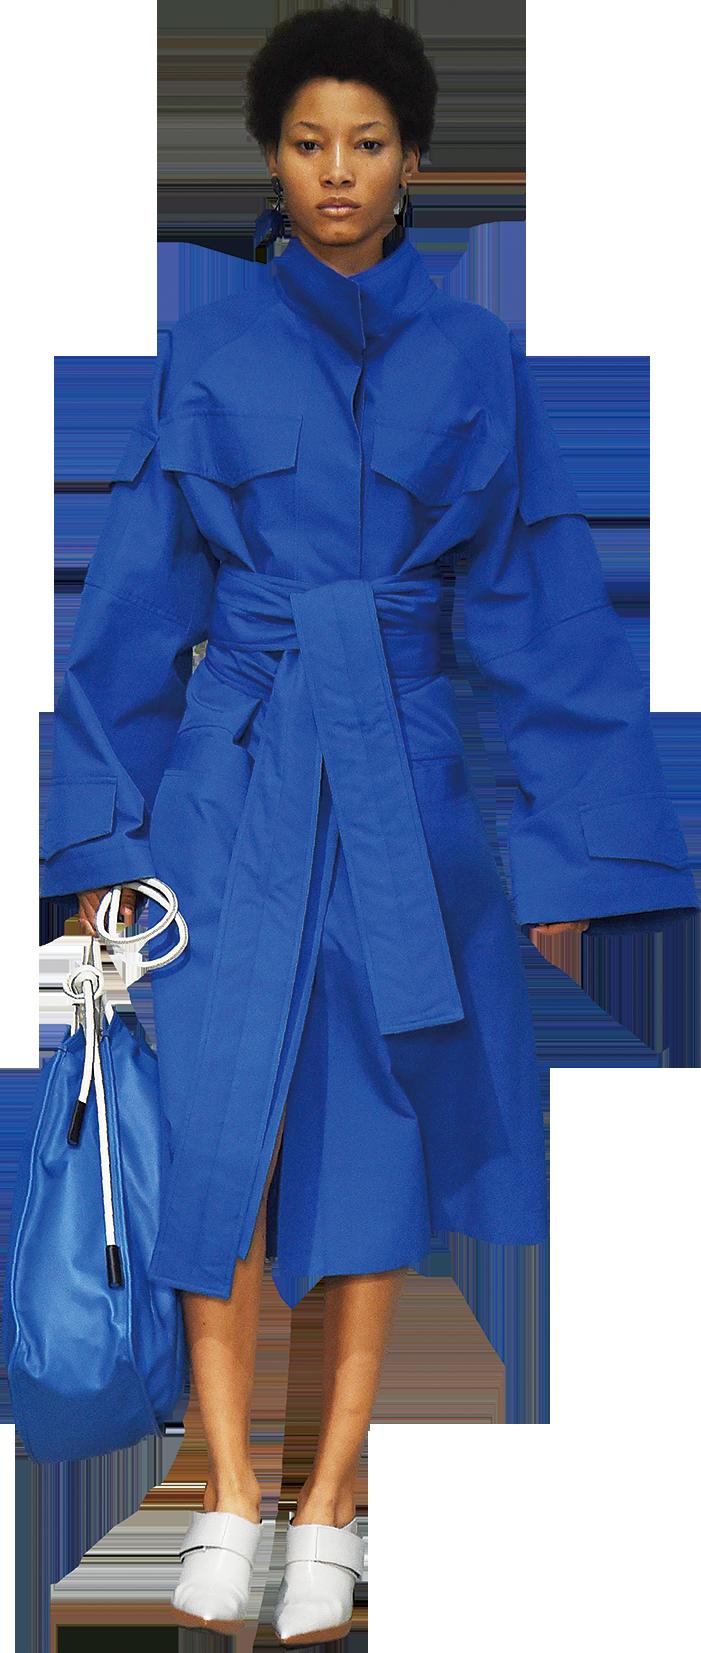 藍色是三原色之一,顏色高調、亮麗。全身藍色的造型打造出炫酷率性的氣質,(Getty Images)